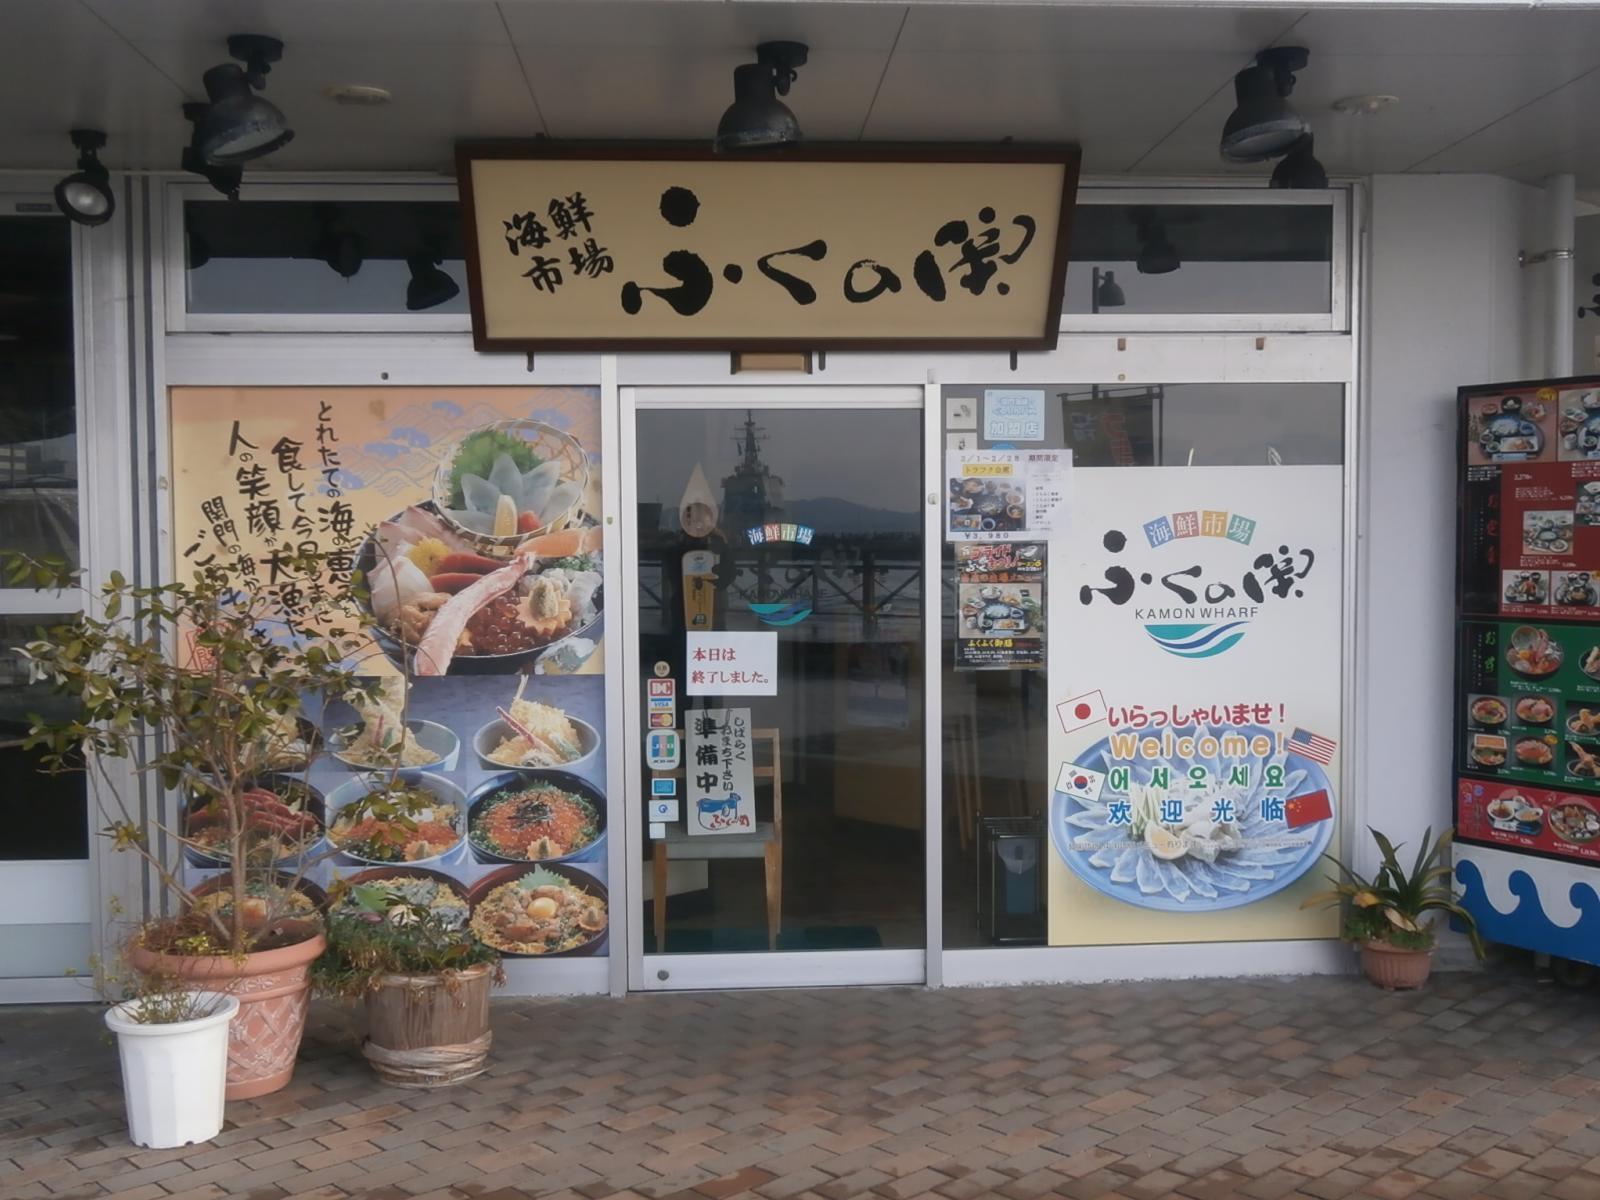 1. Fukunoseki Kamon Wharf Store